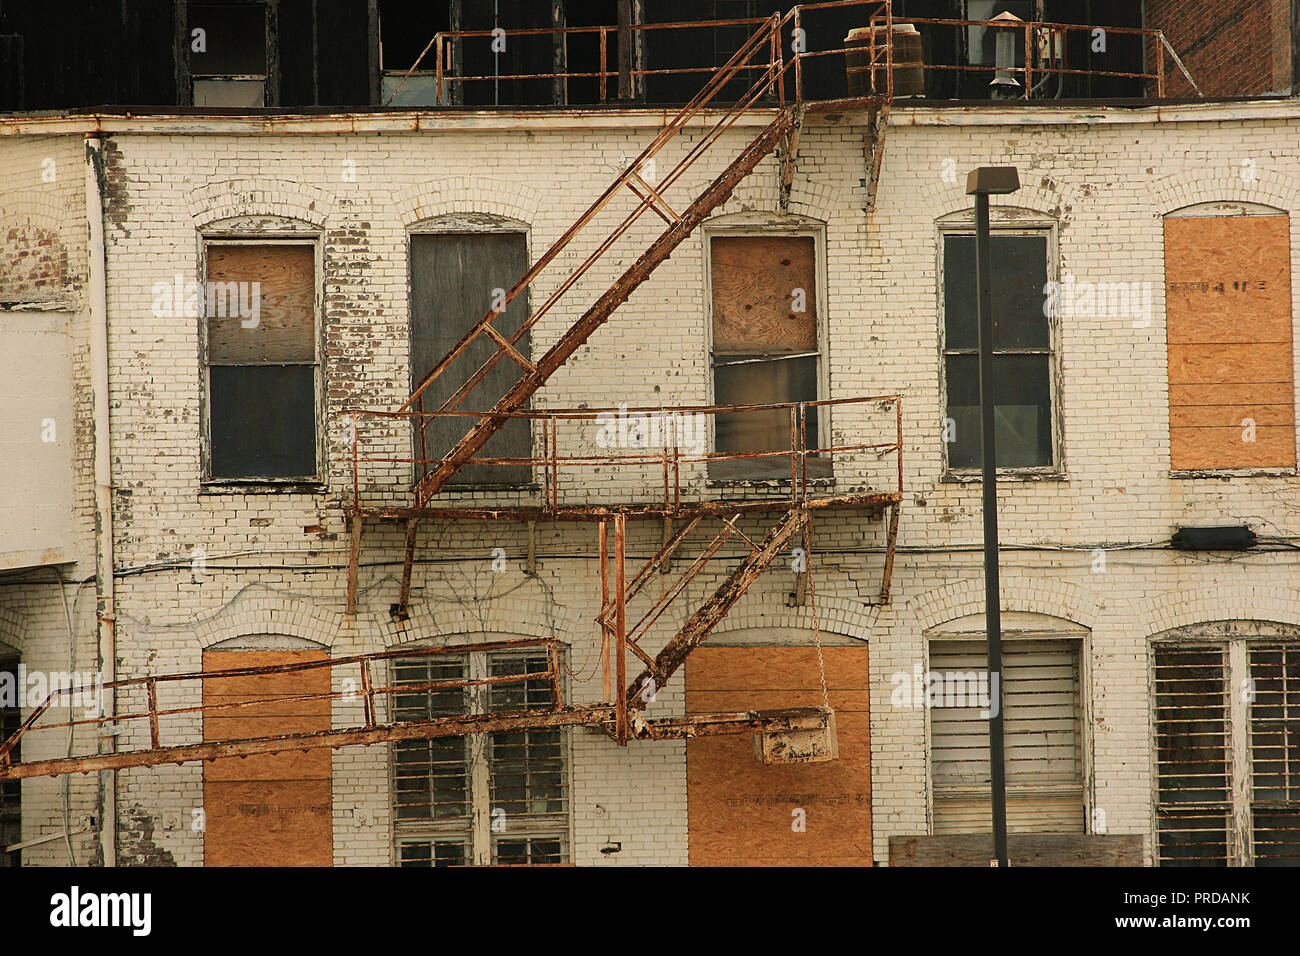 Old, decrepit buildings in Roanoke, Virginia - Stock Image